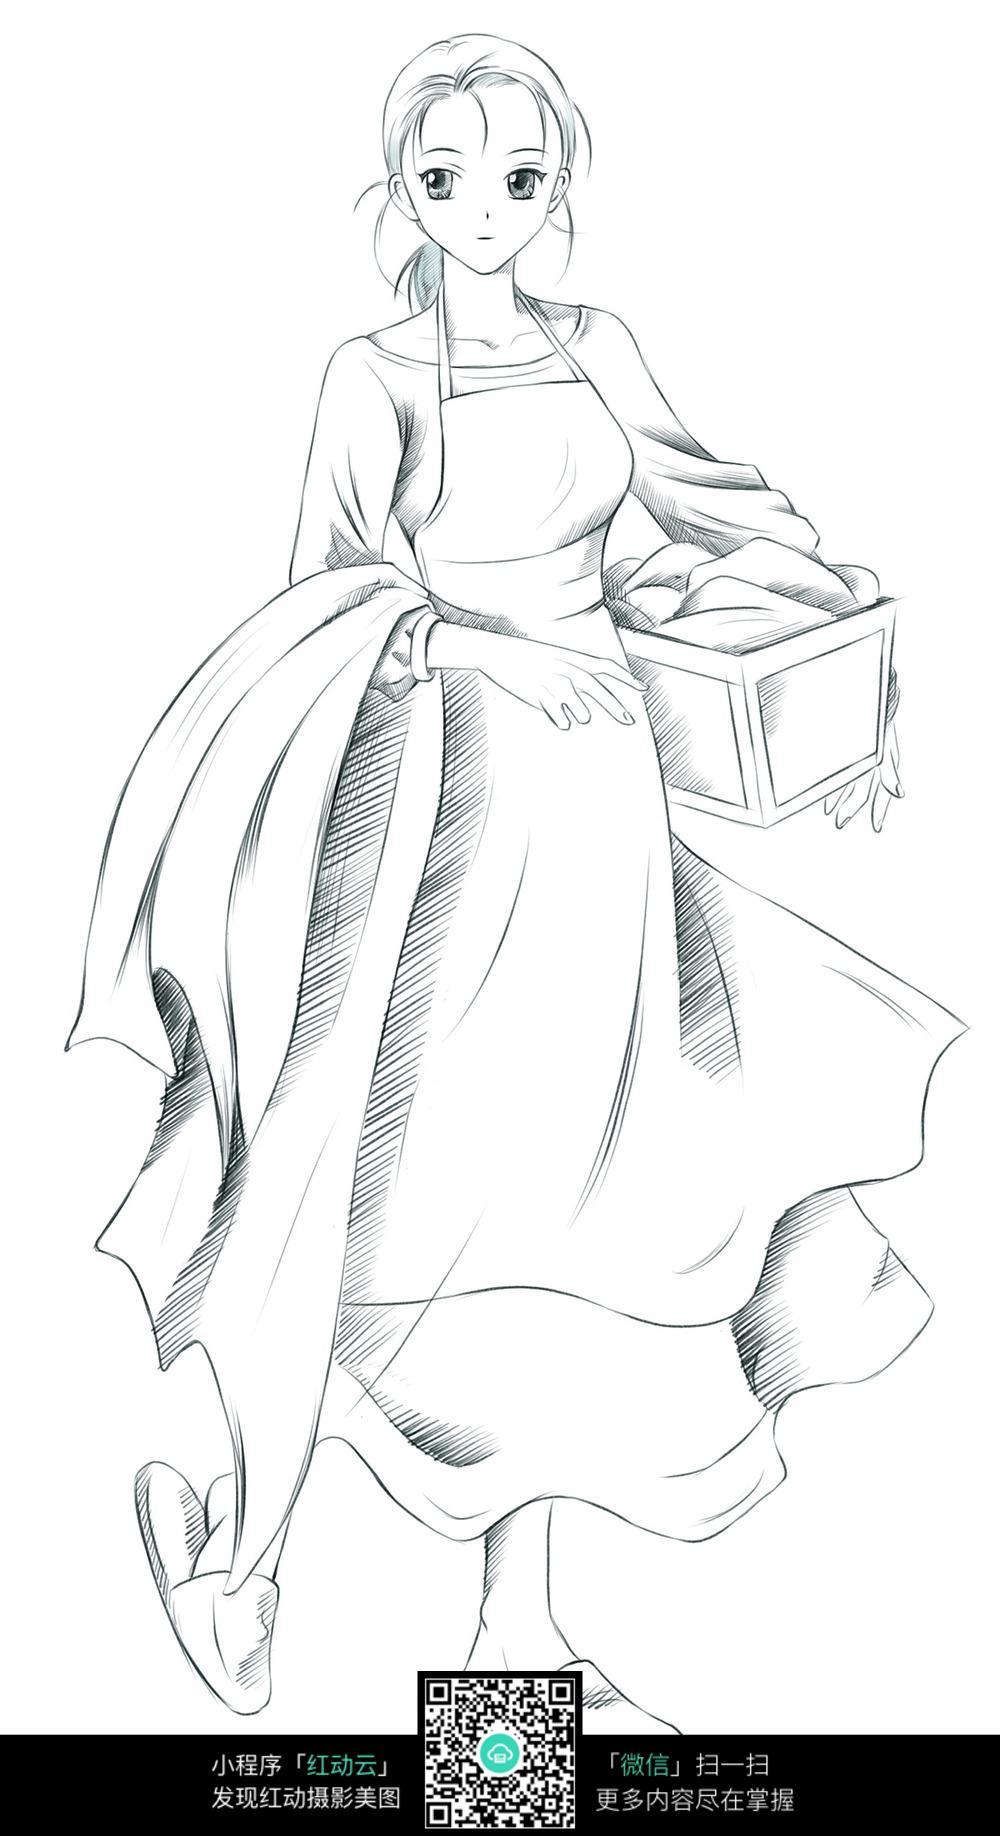 手绘慵懒女生图片